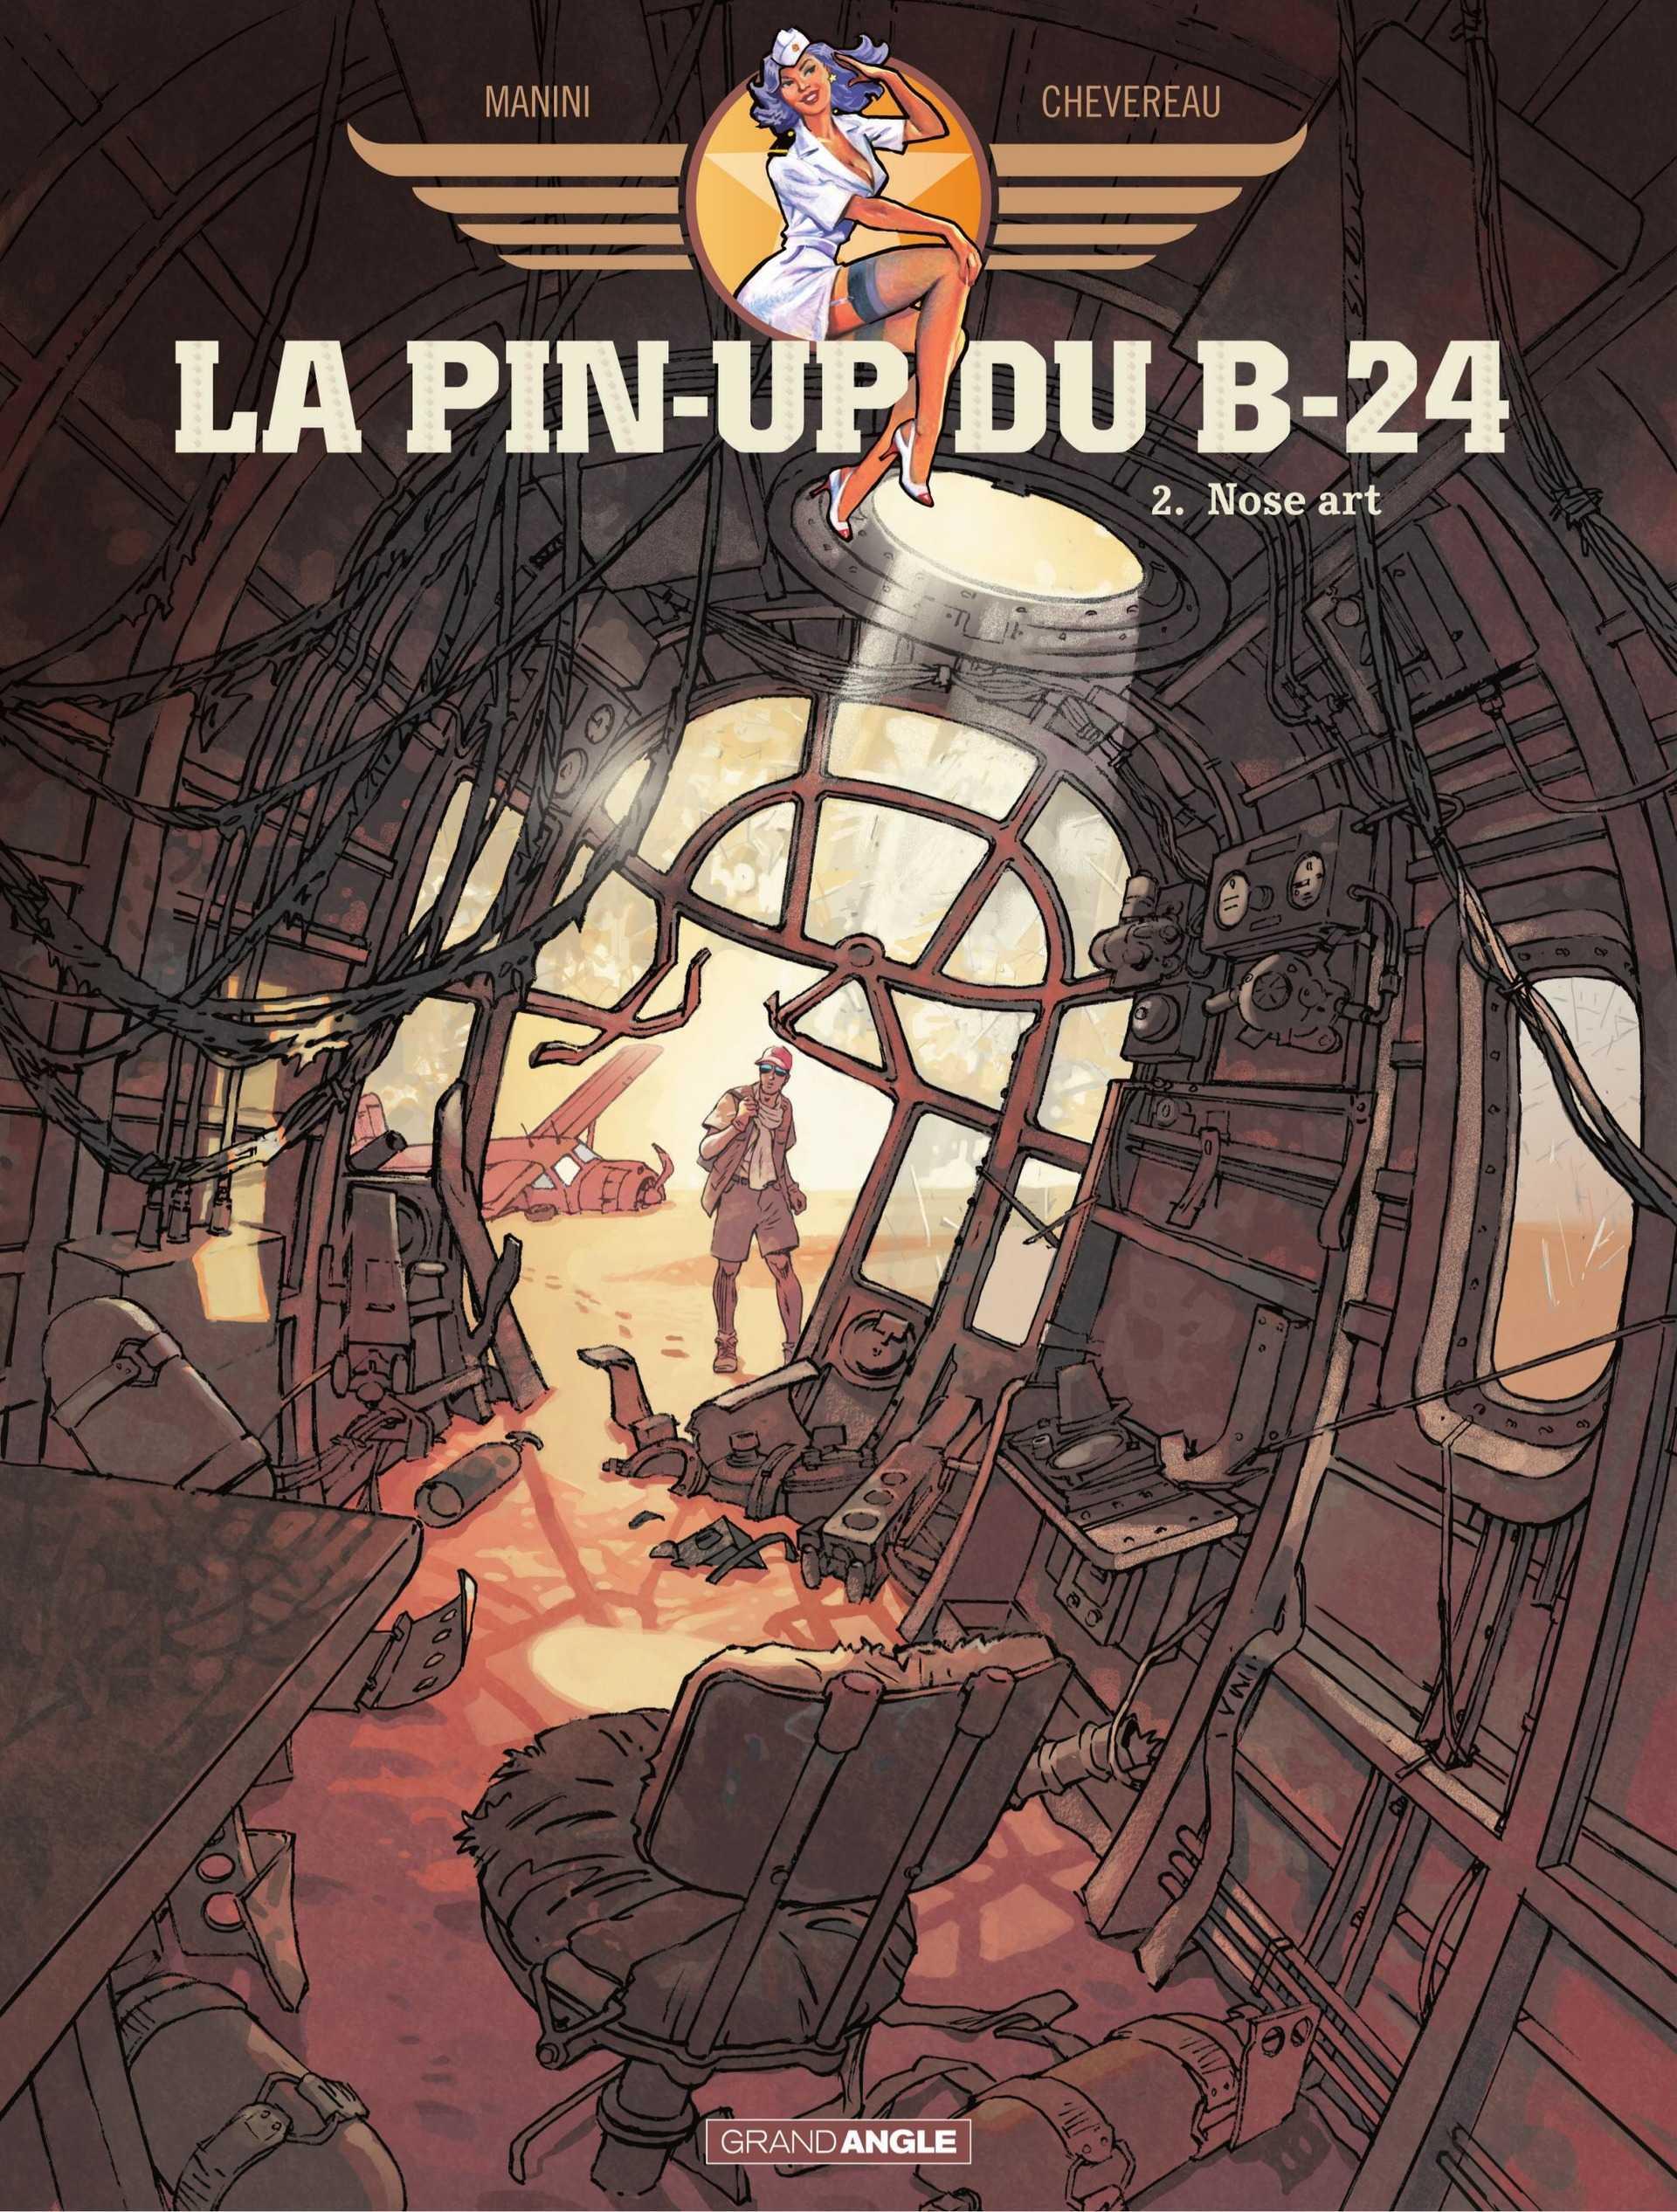 La Pin-up du B-24 T2, retour infernal